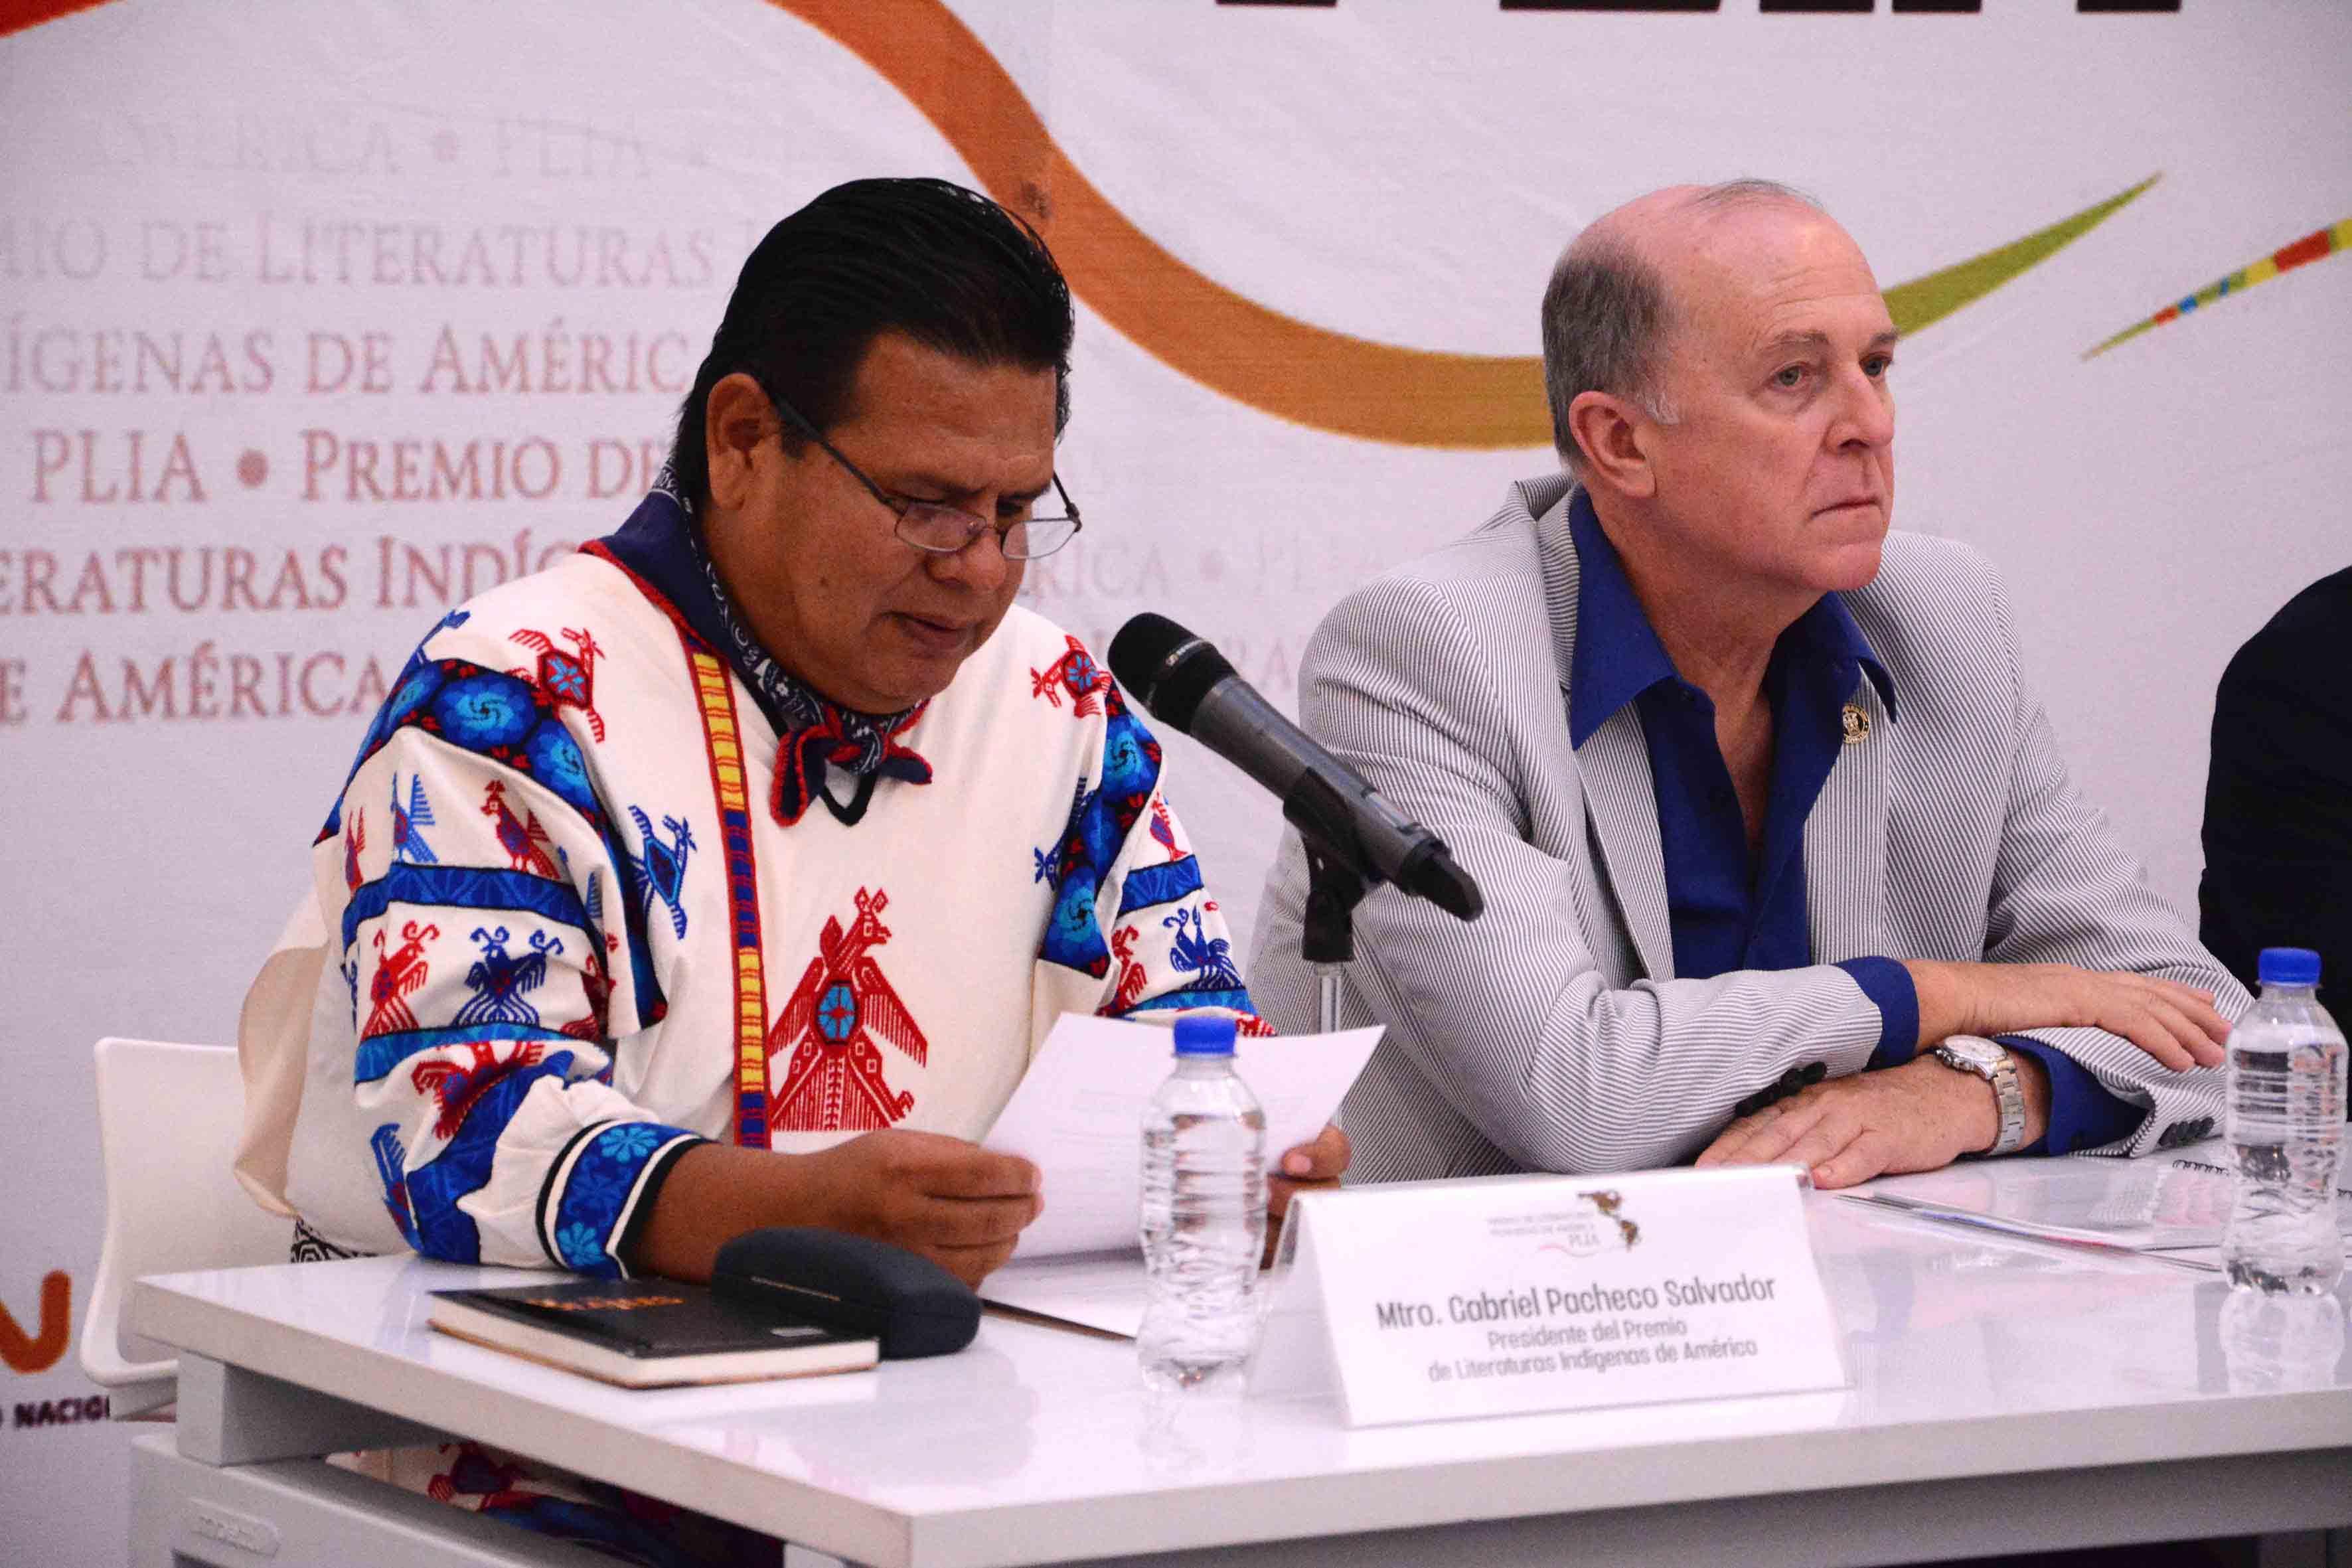 Maestro Gabriel Pacheco Salvador, presidente de la Comisión Interinstitucional de PLIA, con documento en manos y micrófono en mesa de panel, haciendo uso de la palabra.